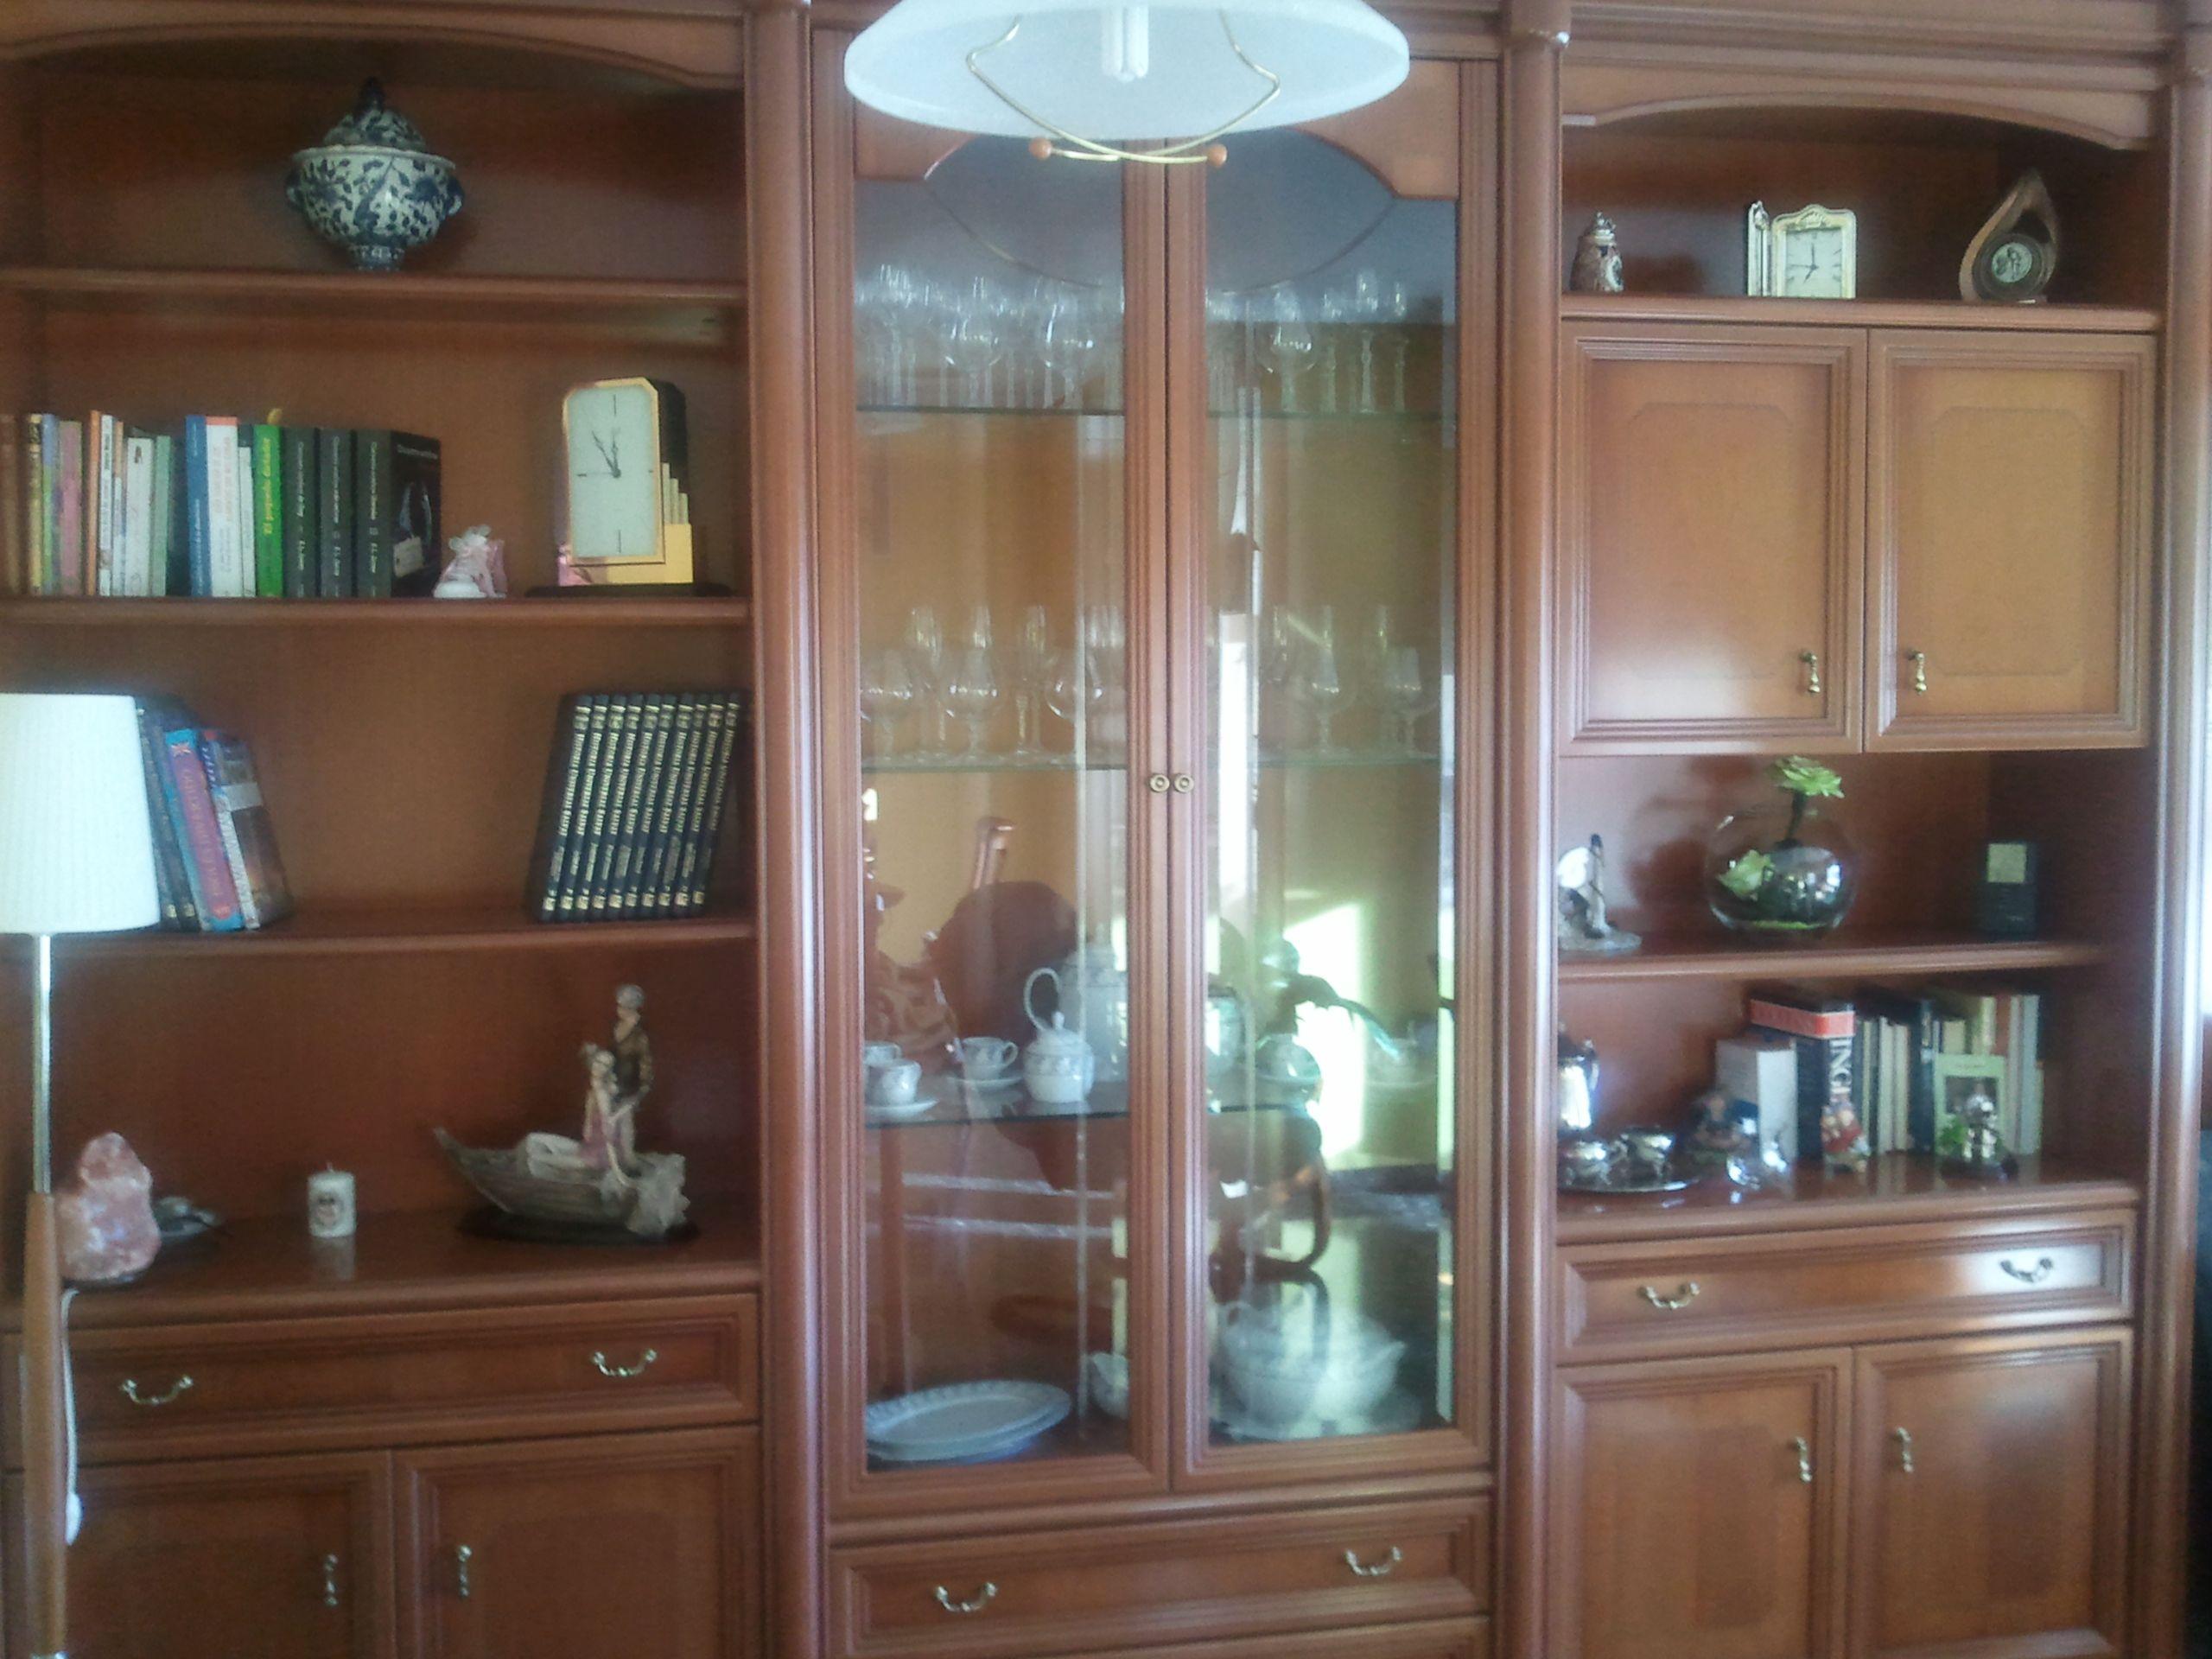 Mueble boiserie de madera de cerezo en perfectas condiciones.La continuacion de la foto está en el siguiente pin. Precio 350€. rosnube@gmail.com